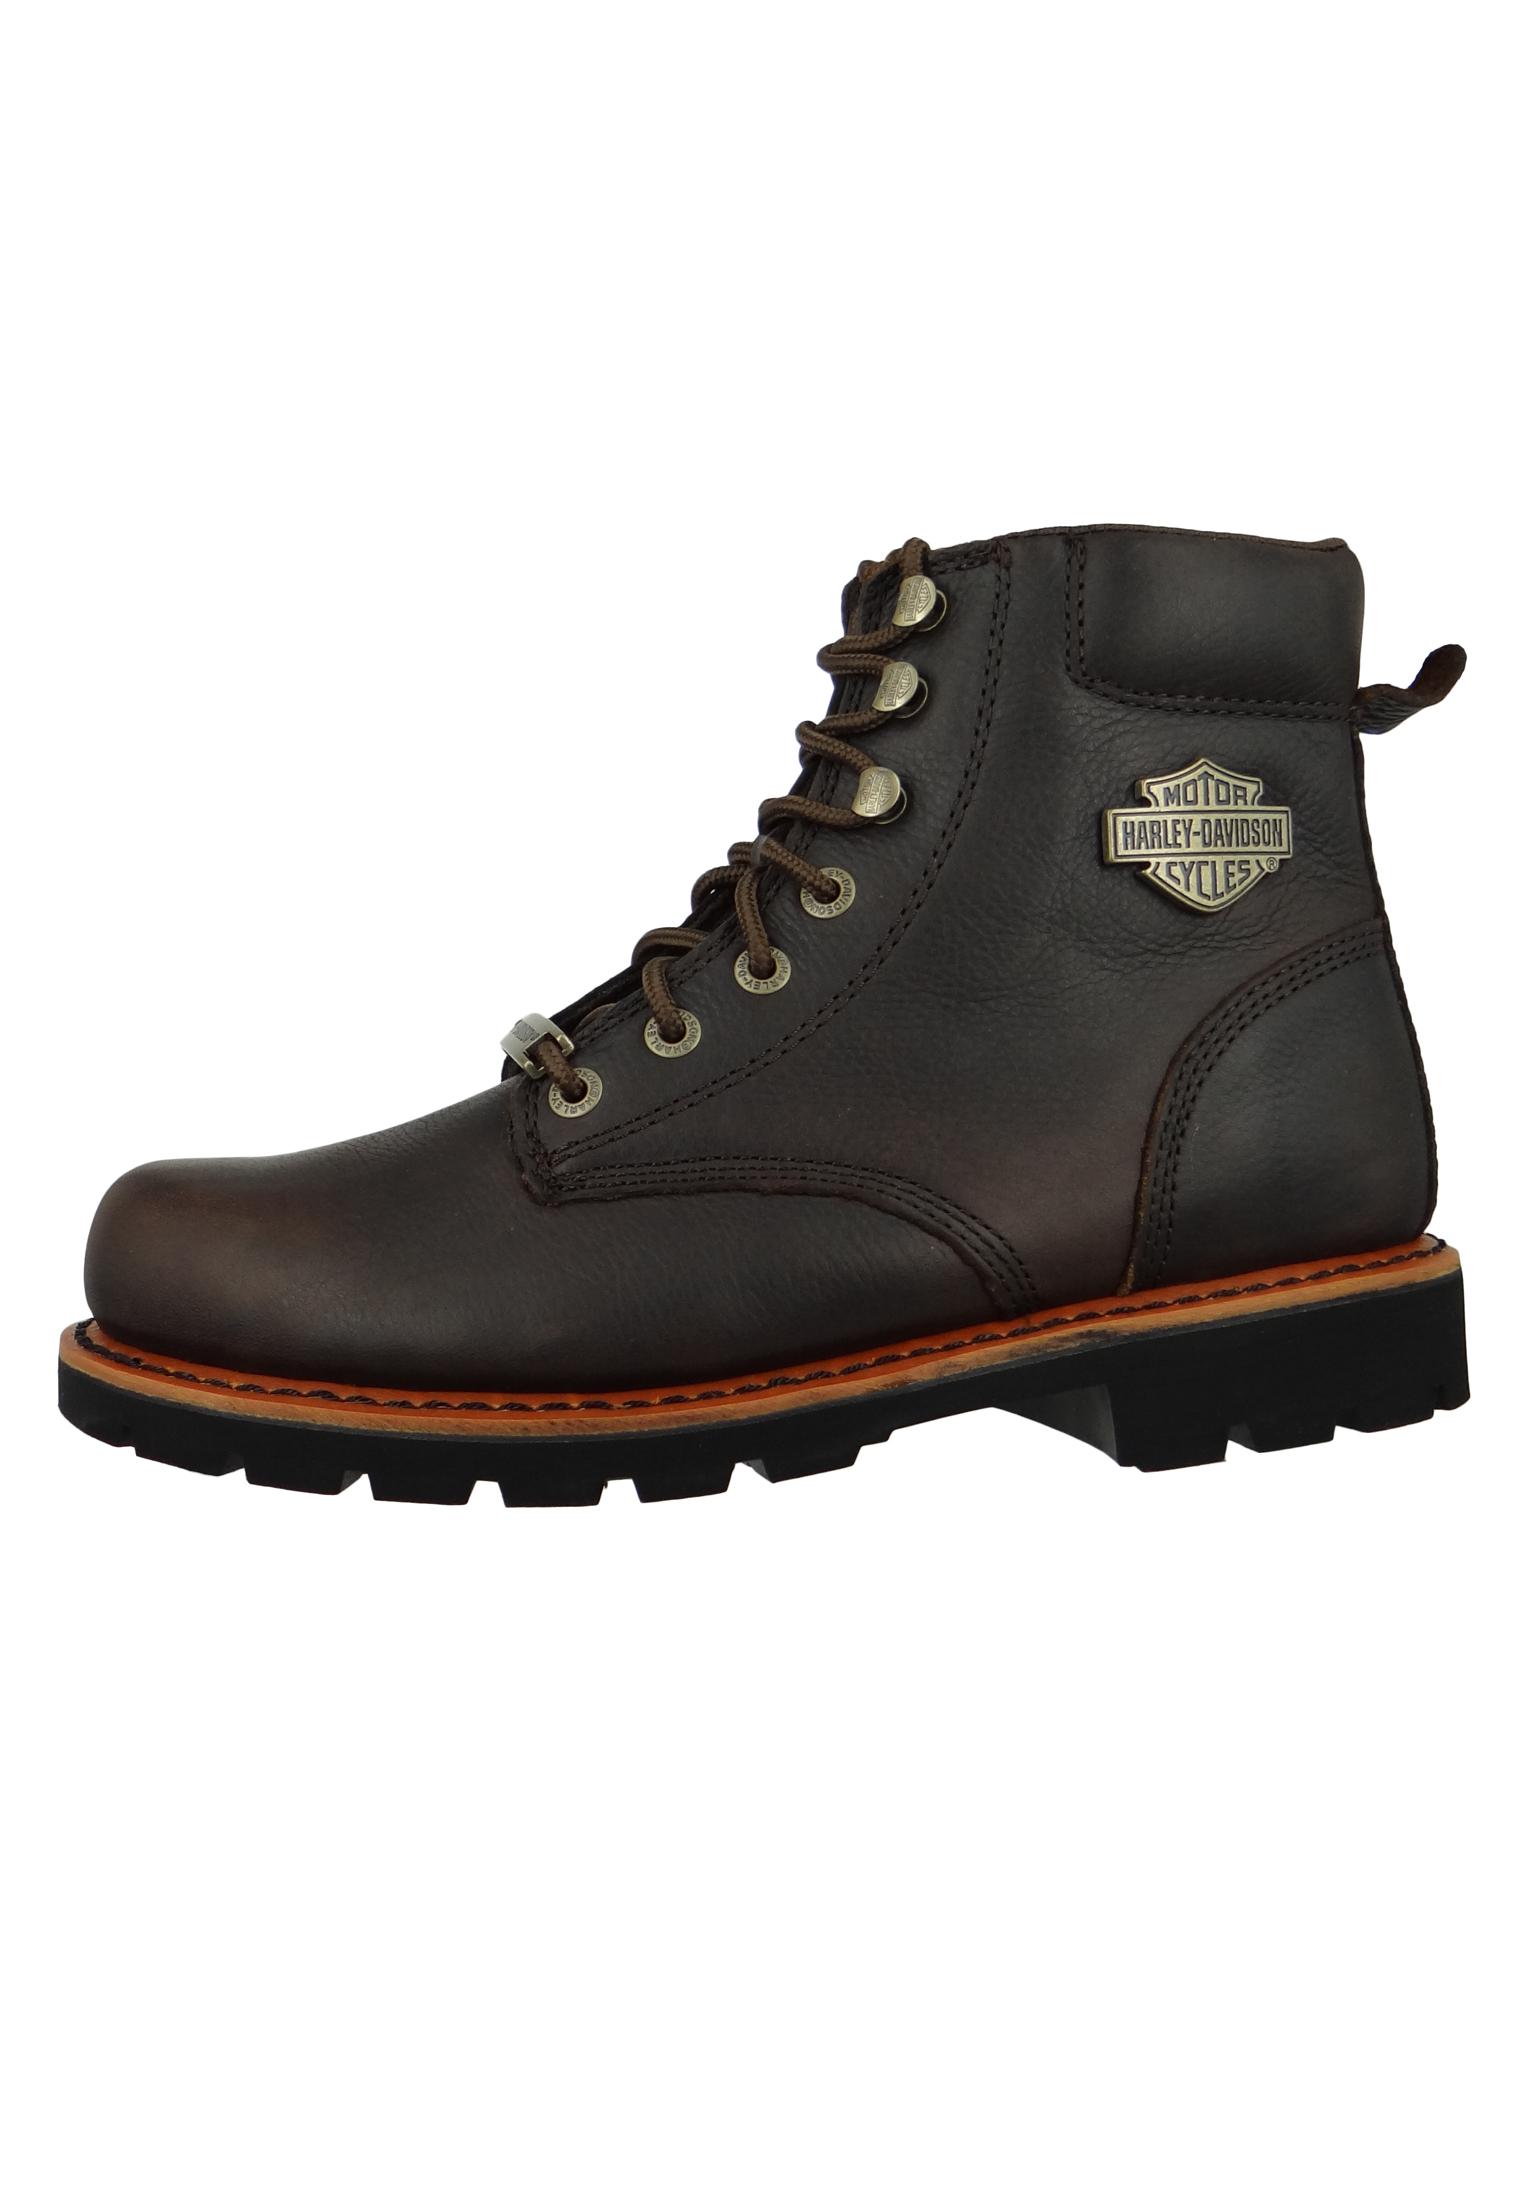 harley davidson biker boots d93424 vista ridge. Black Bedroom Furniture Sets. Home Design Ideas